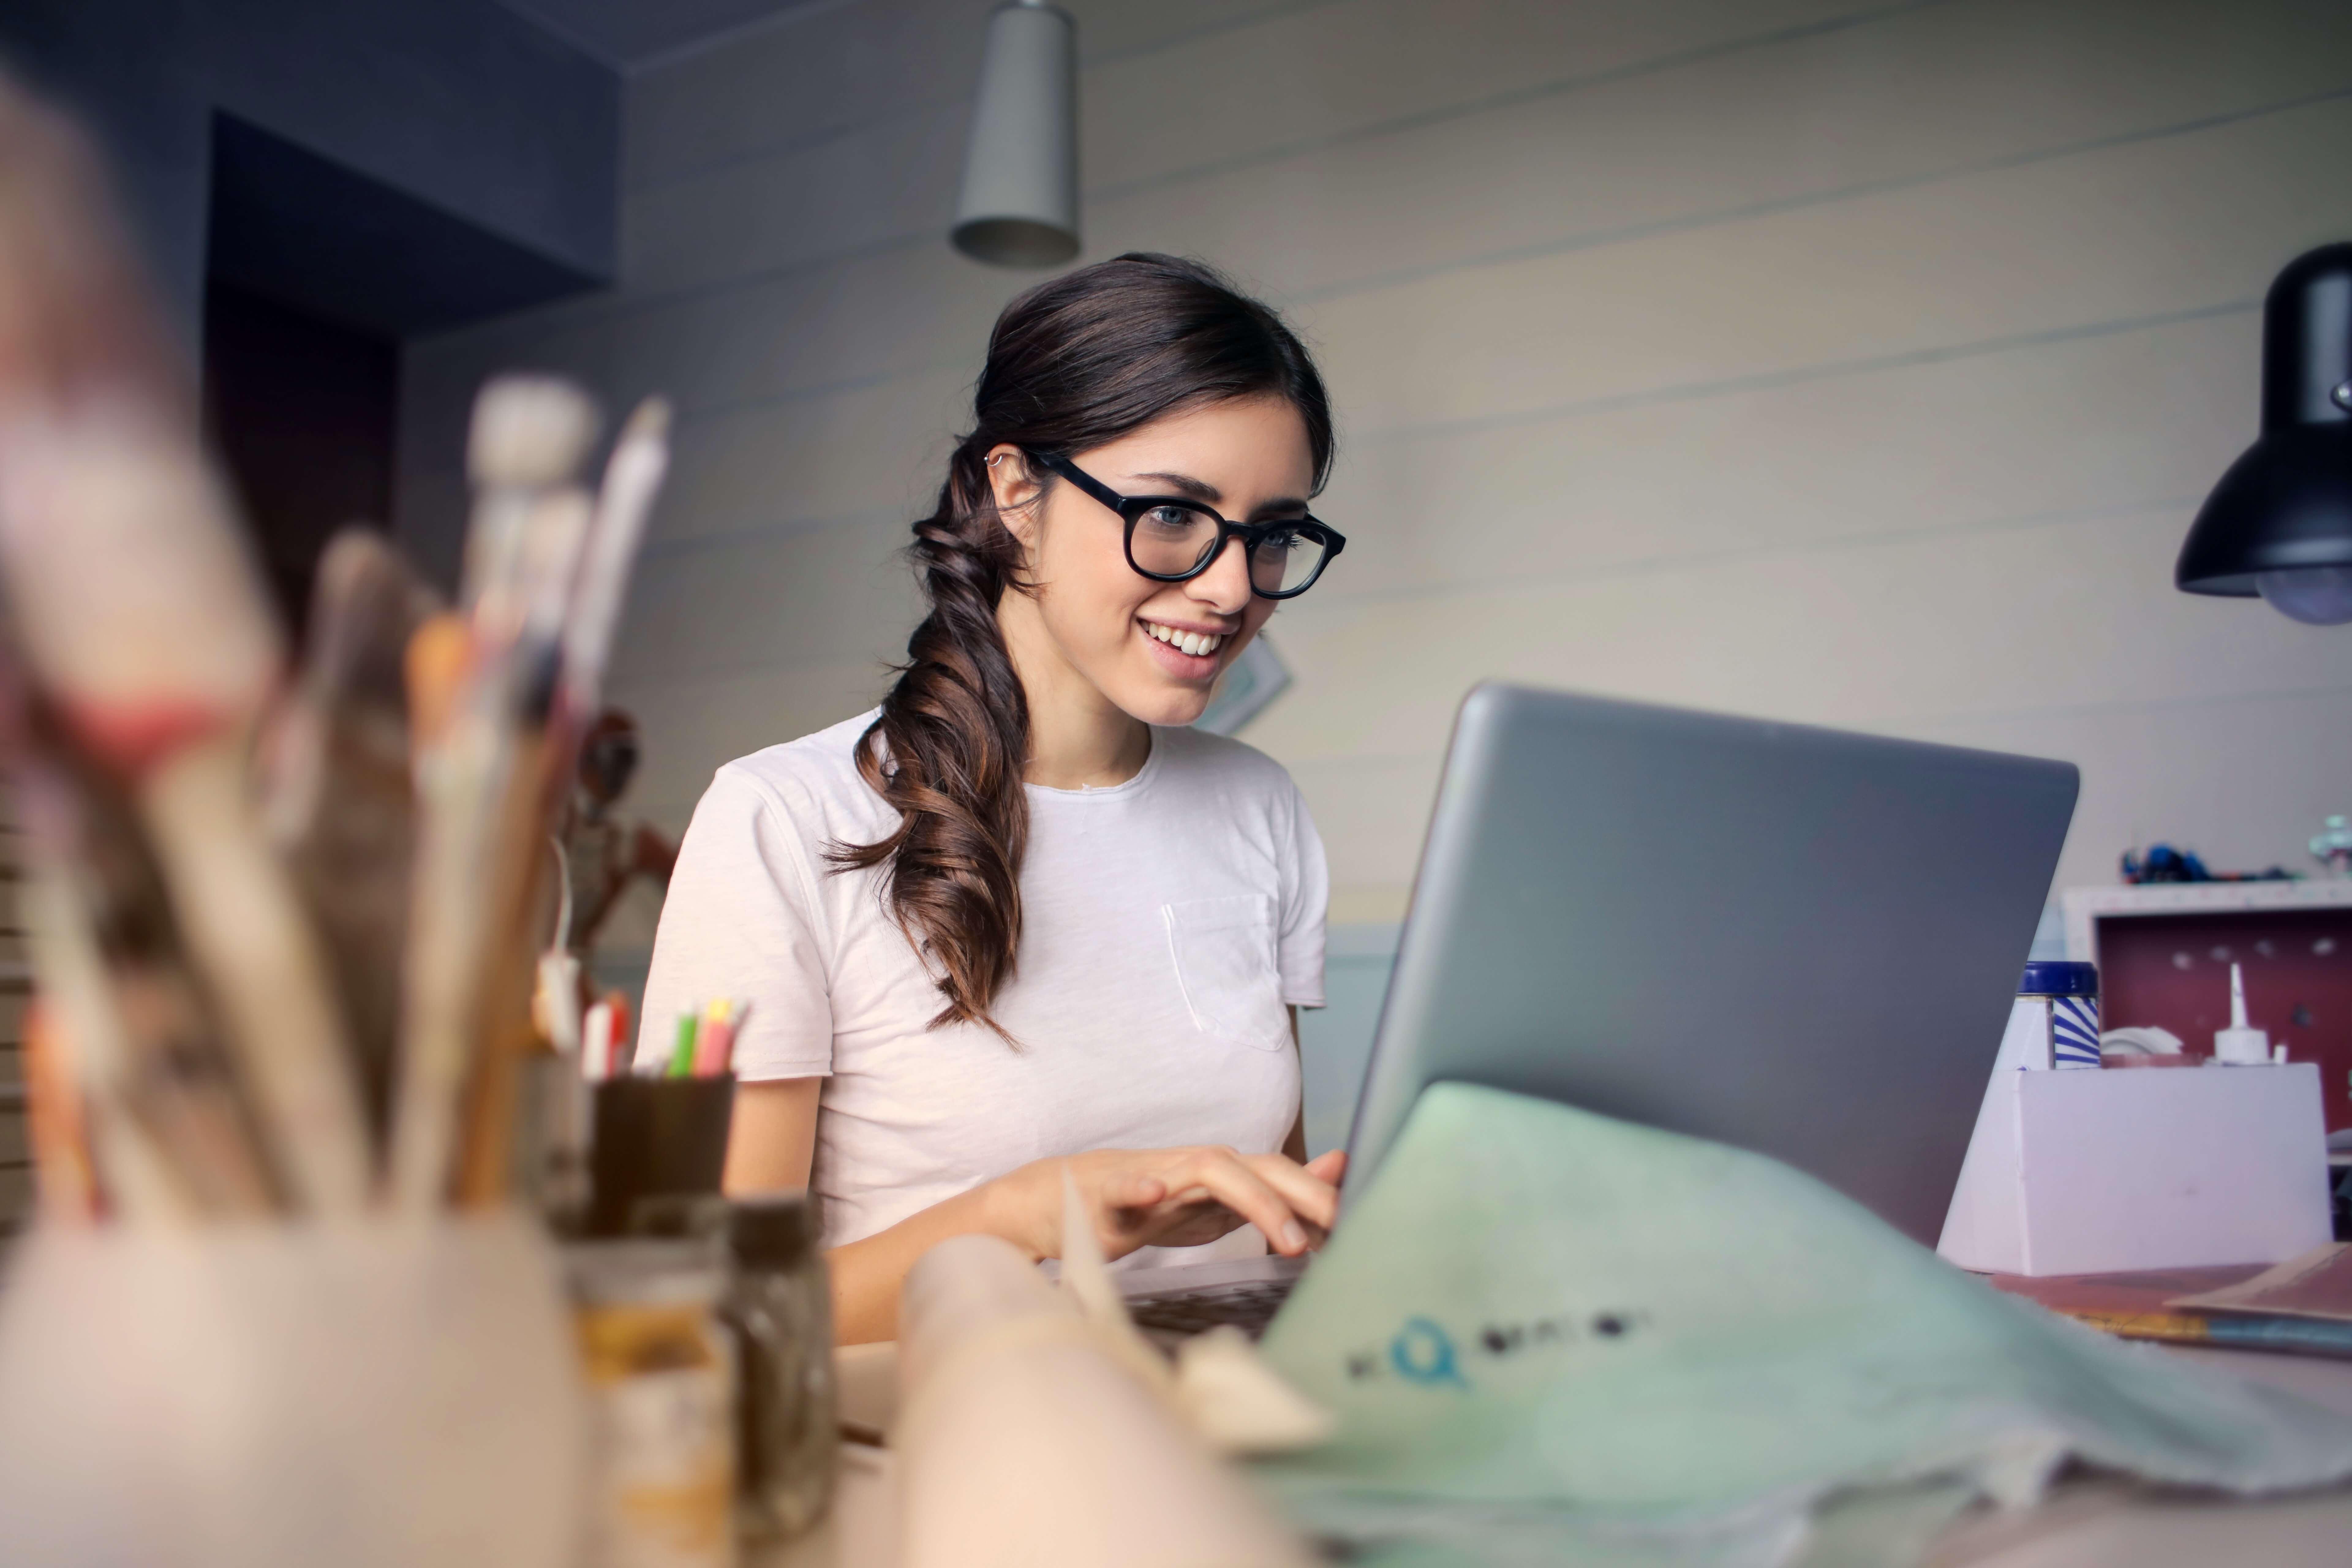 magen de joven fémina en área de trabajo escribiendo en una computadora portátil